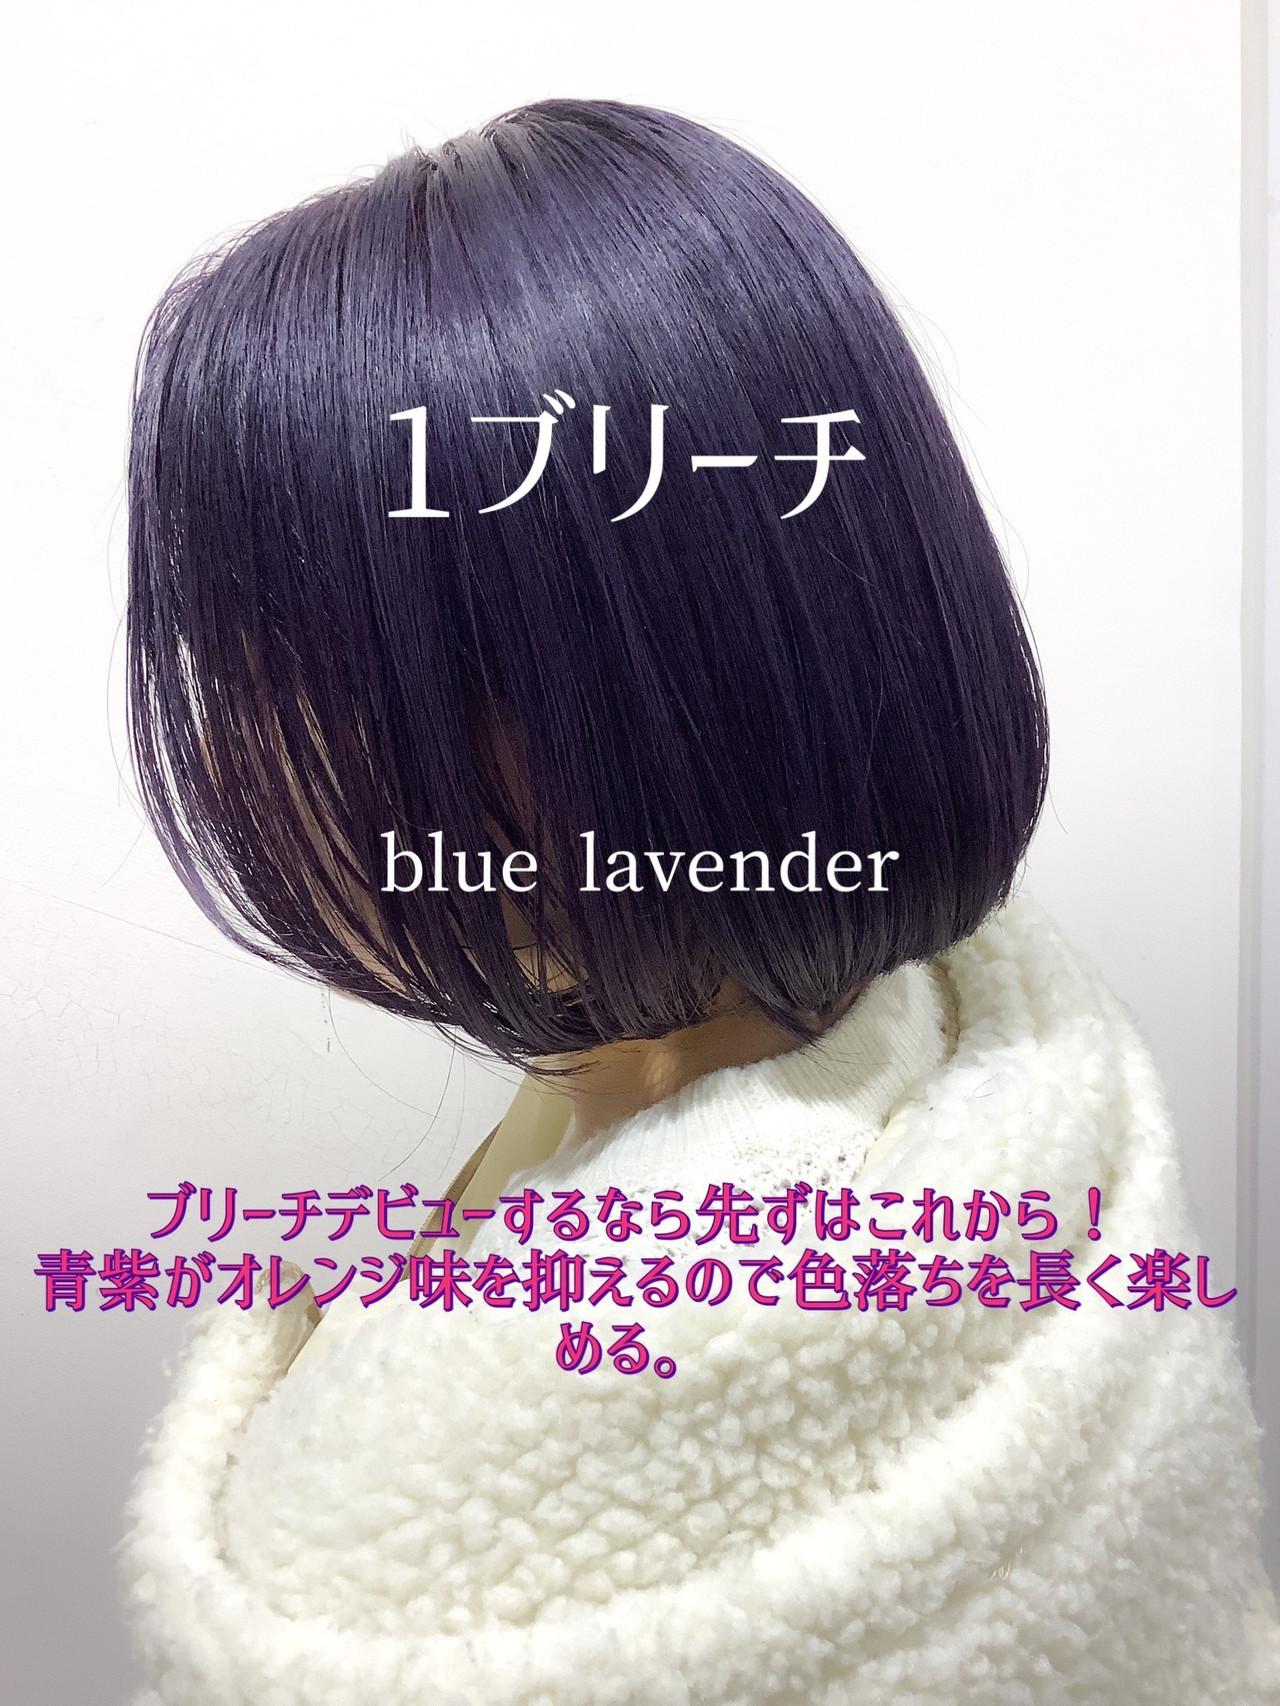 ラベンダーカラー ストリート ブルーラベンダー ブルーバイオレット ヘアスタイルや髪型の写真・画像